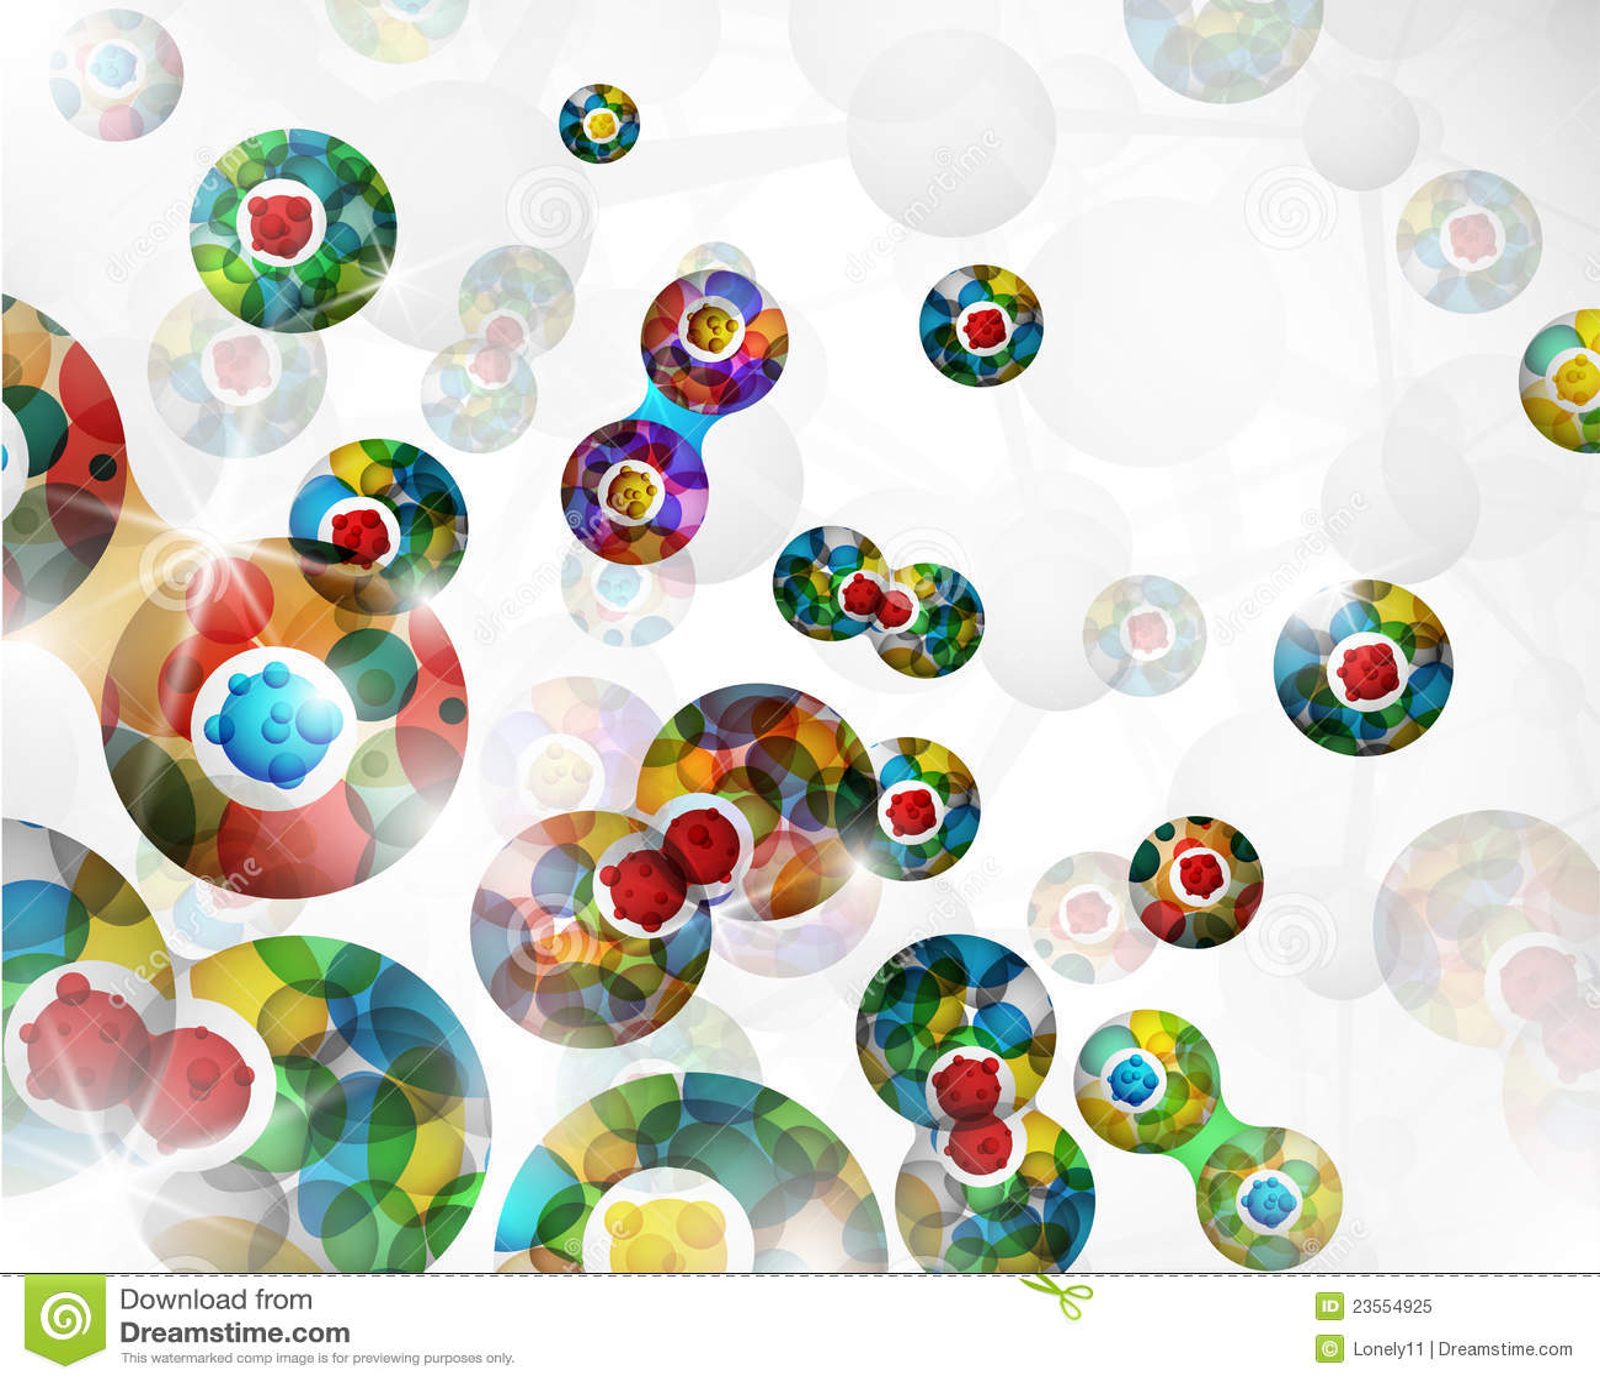 Celluppdelning